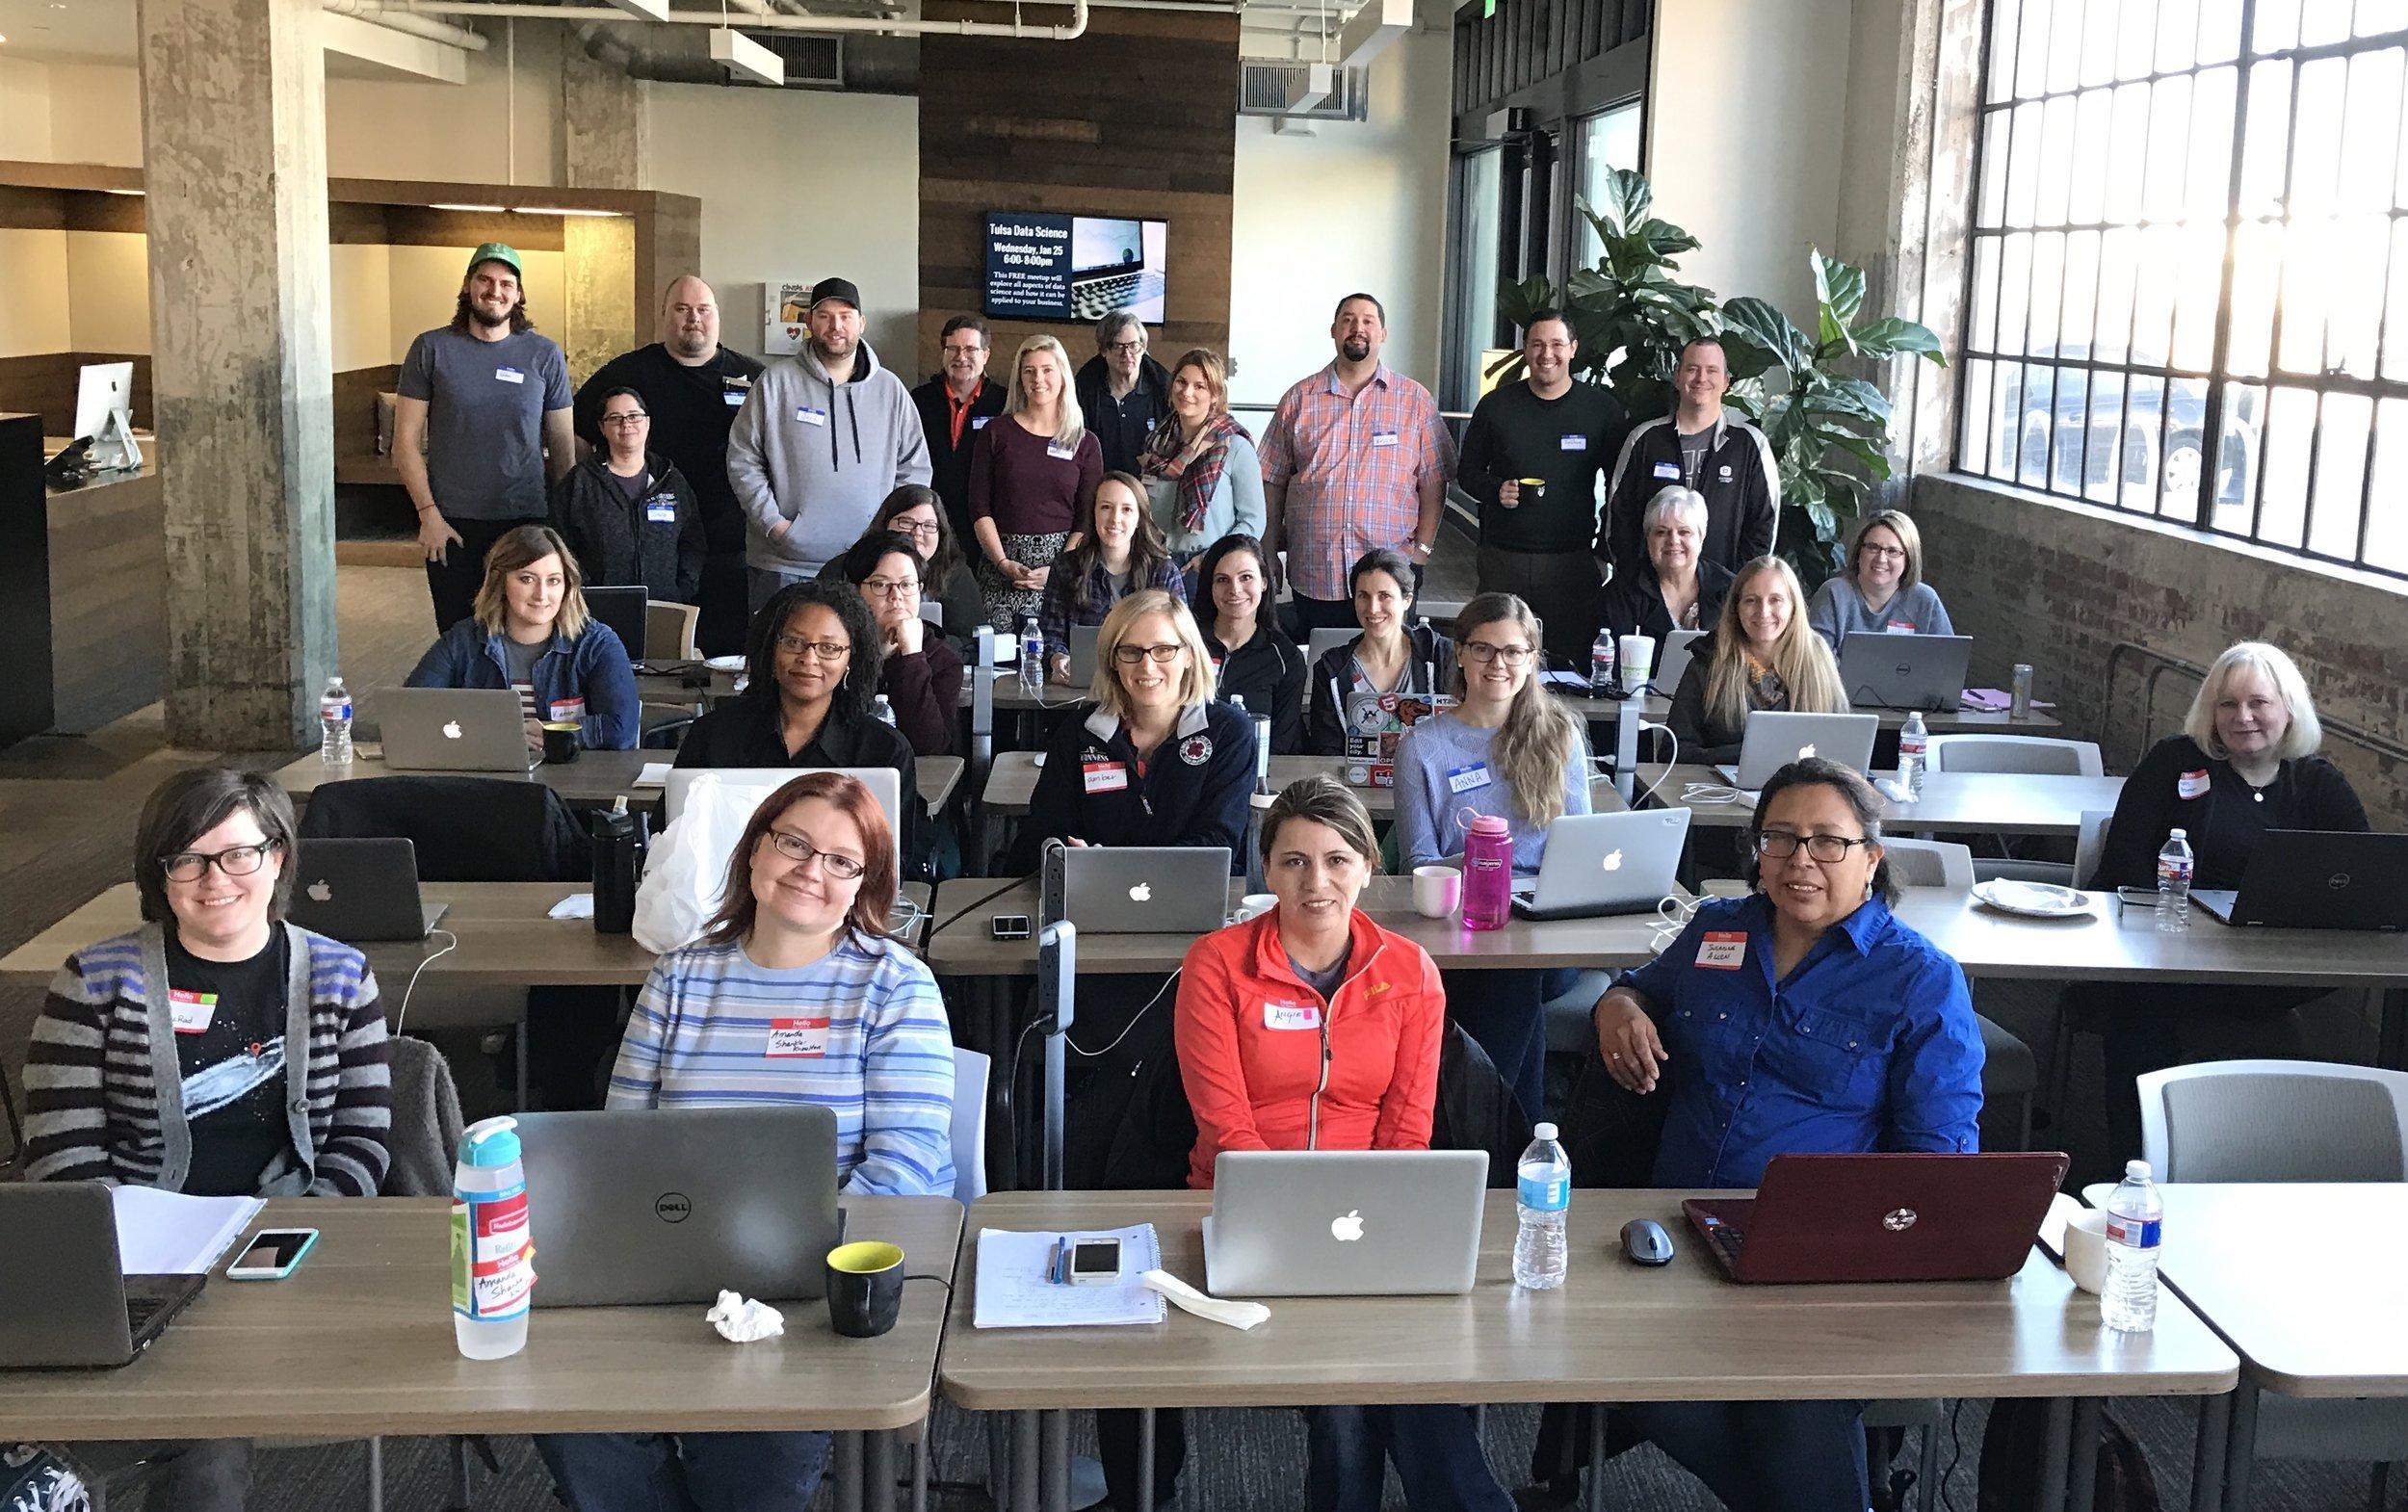 RailsBridge Tulsa students and volunteers. Jan 2017.